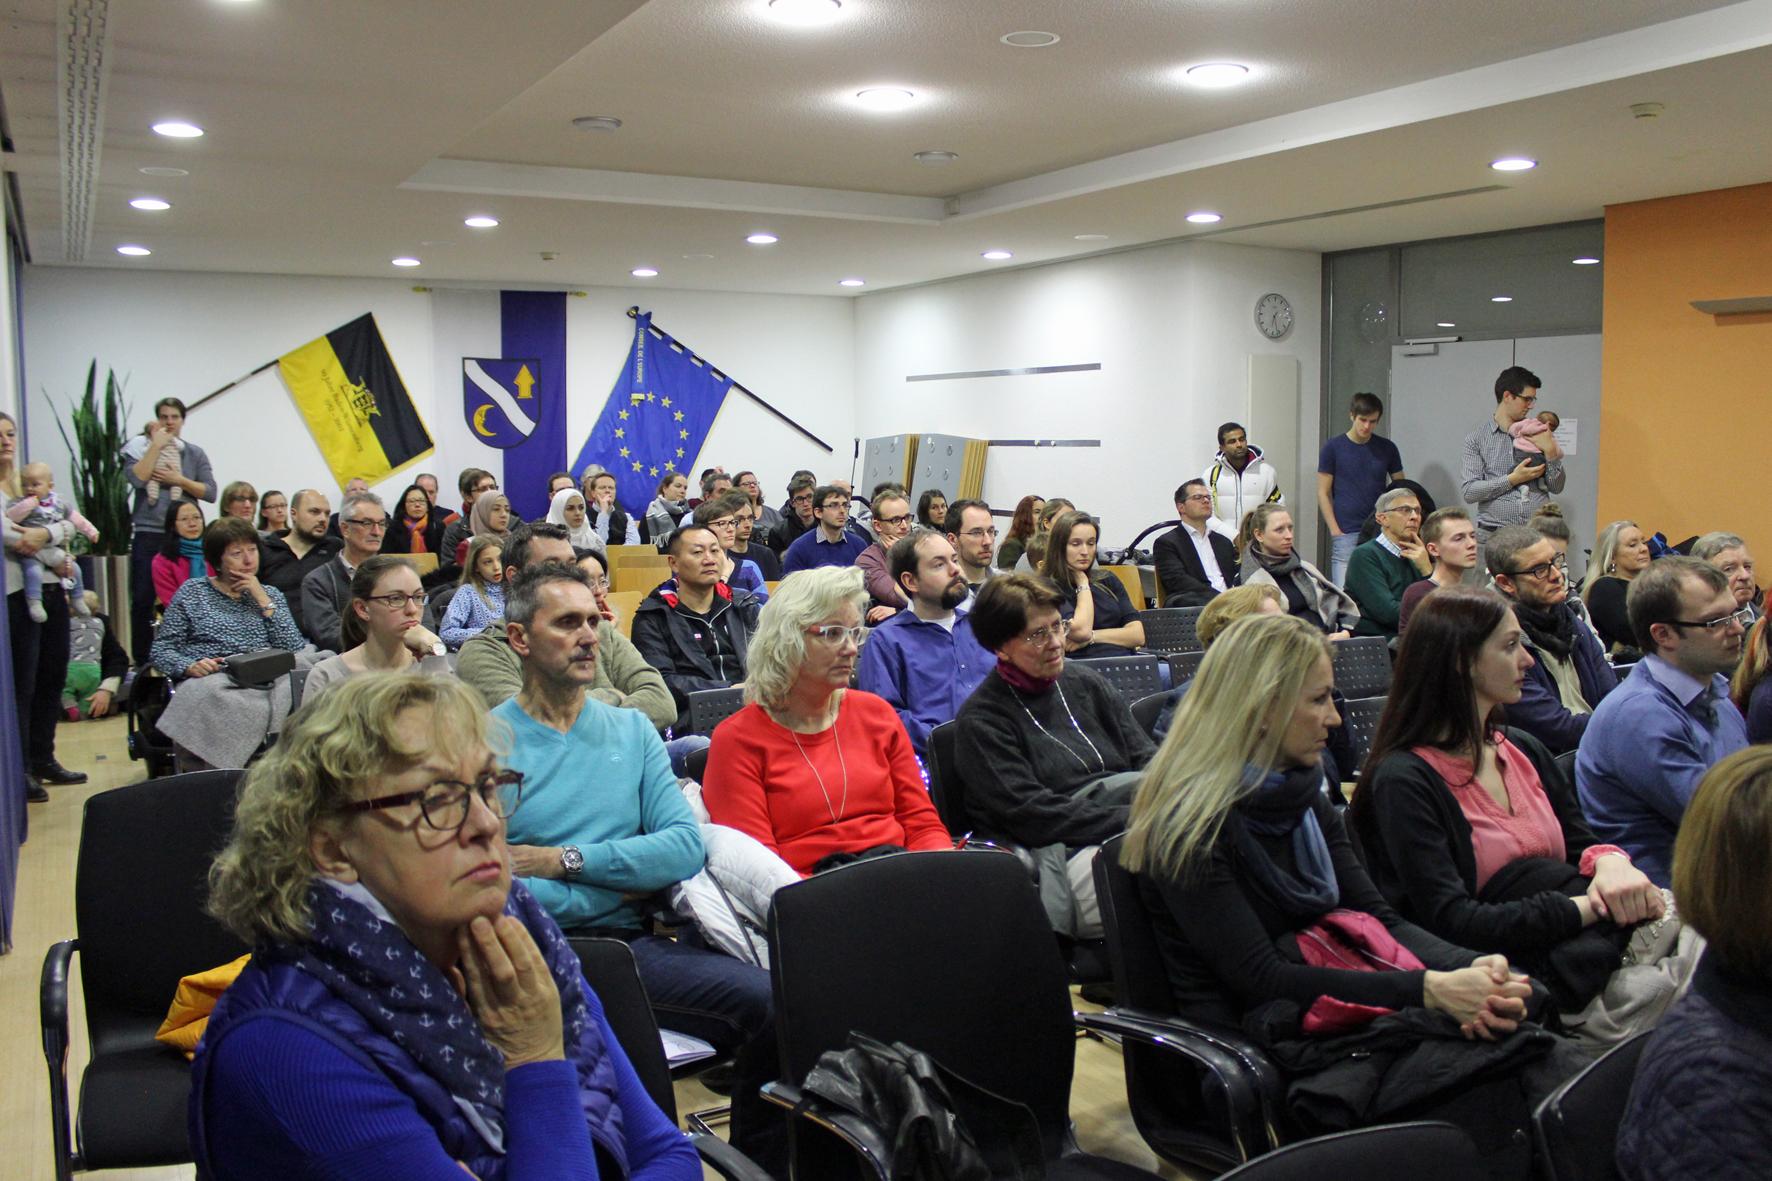 Neubürgerempfang im Rathaus - viele Einrichtungen informierten bereits im Bürgersaal.